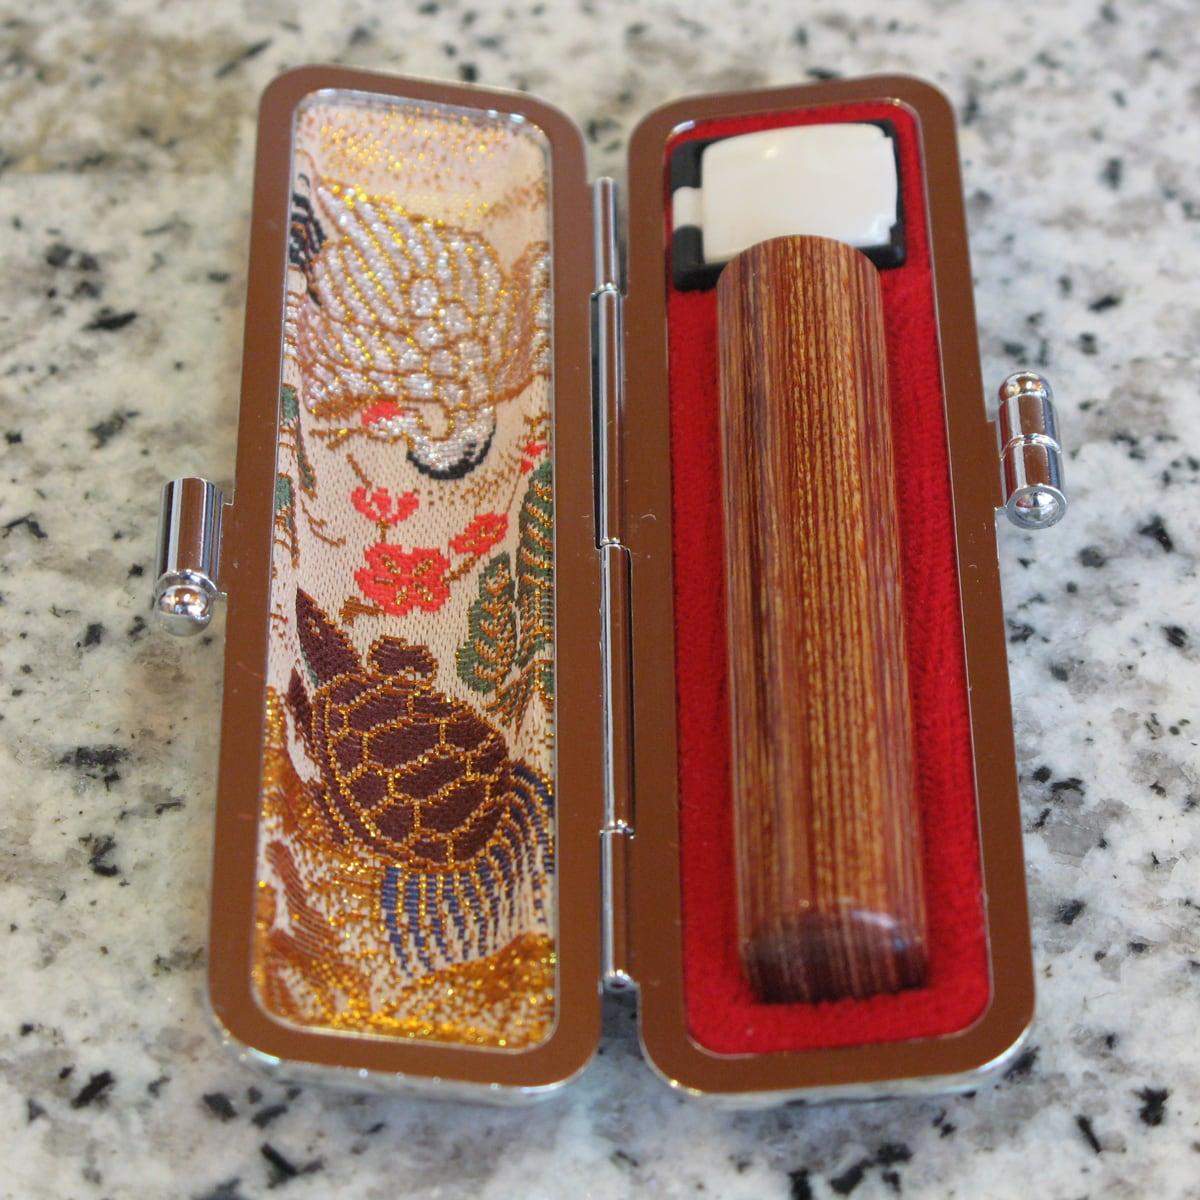 彩華(サイカ) 16.5 mm 実印(高級本革ケース付き)